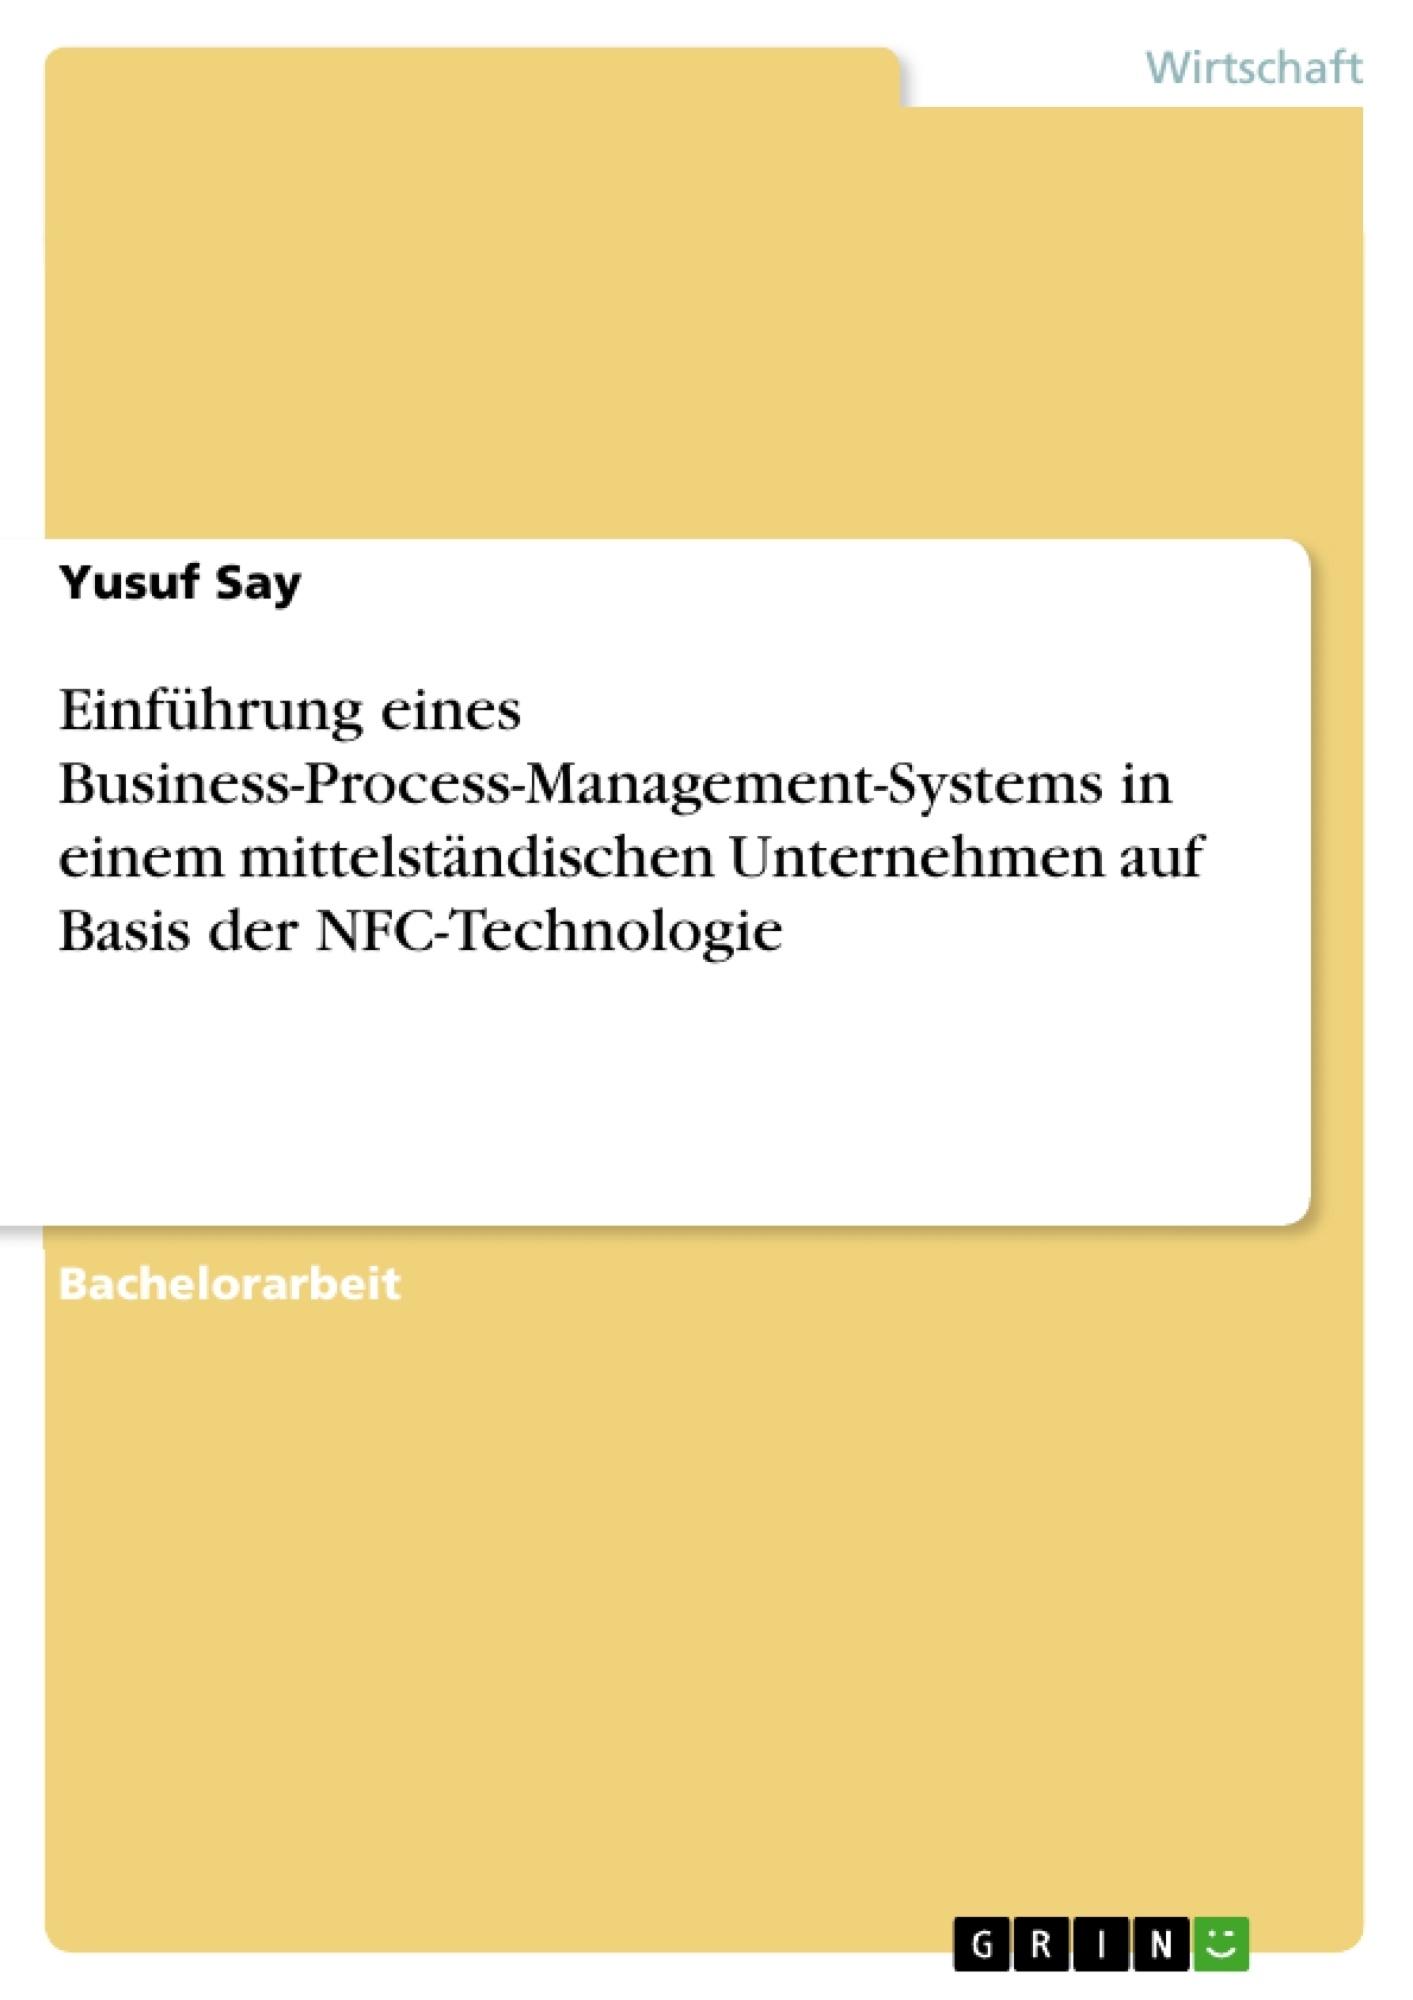 Titel: Einführung eines Business-Process-Management-Systems in einem mittelständischen Unternehmen auf Basis der NFC-Technologie